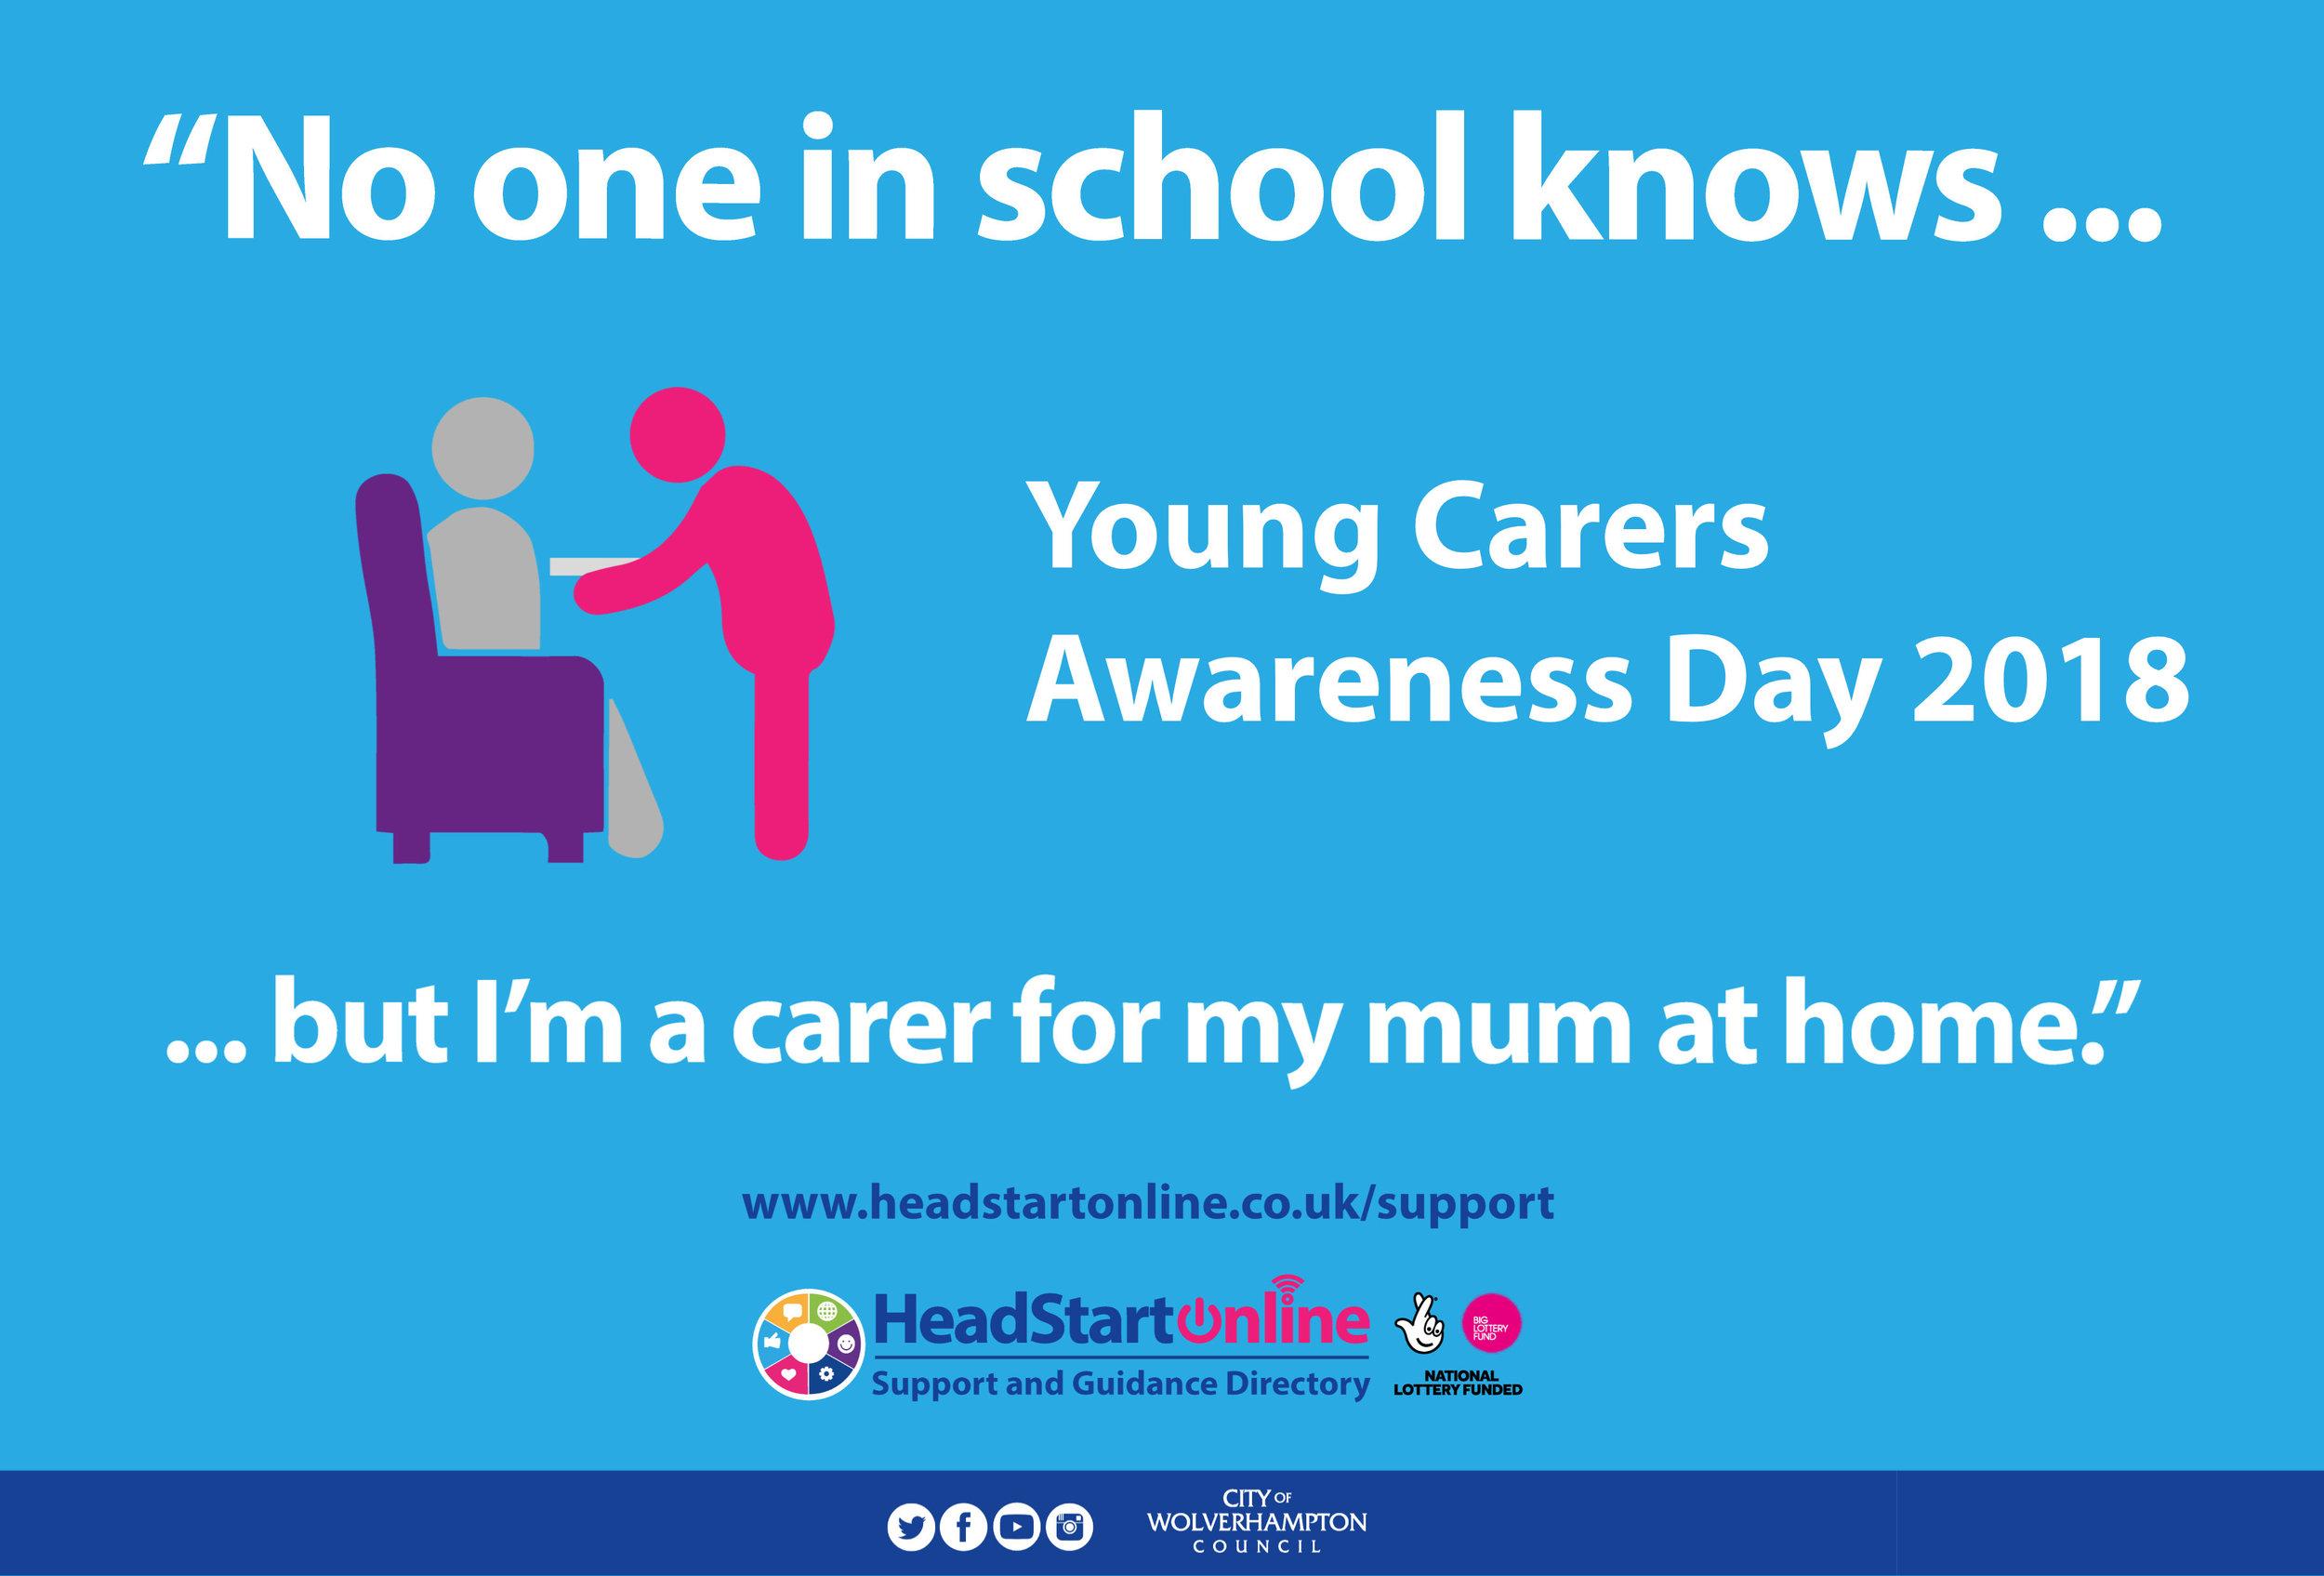 Carer-for-mom-social-media-insta-1.jpg